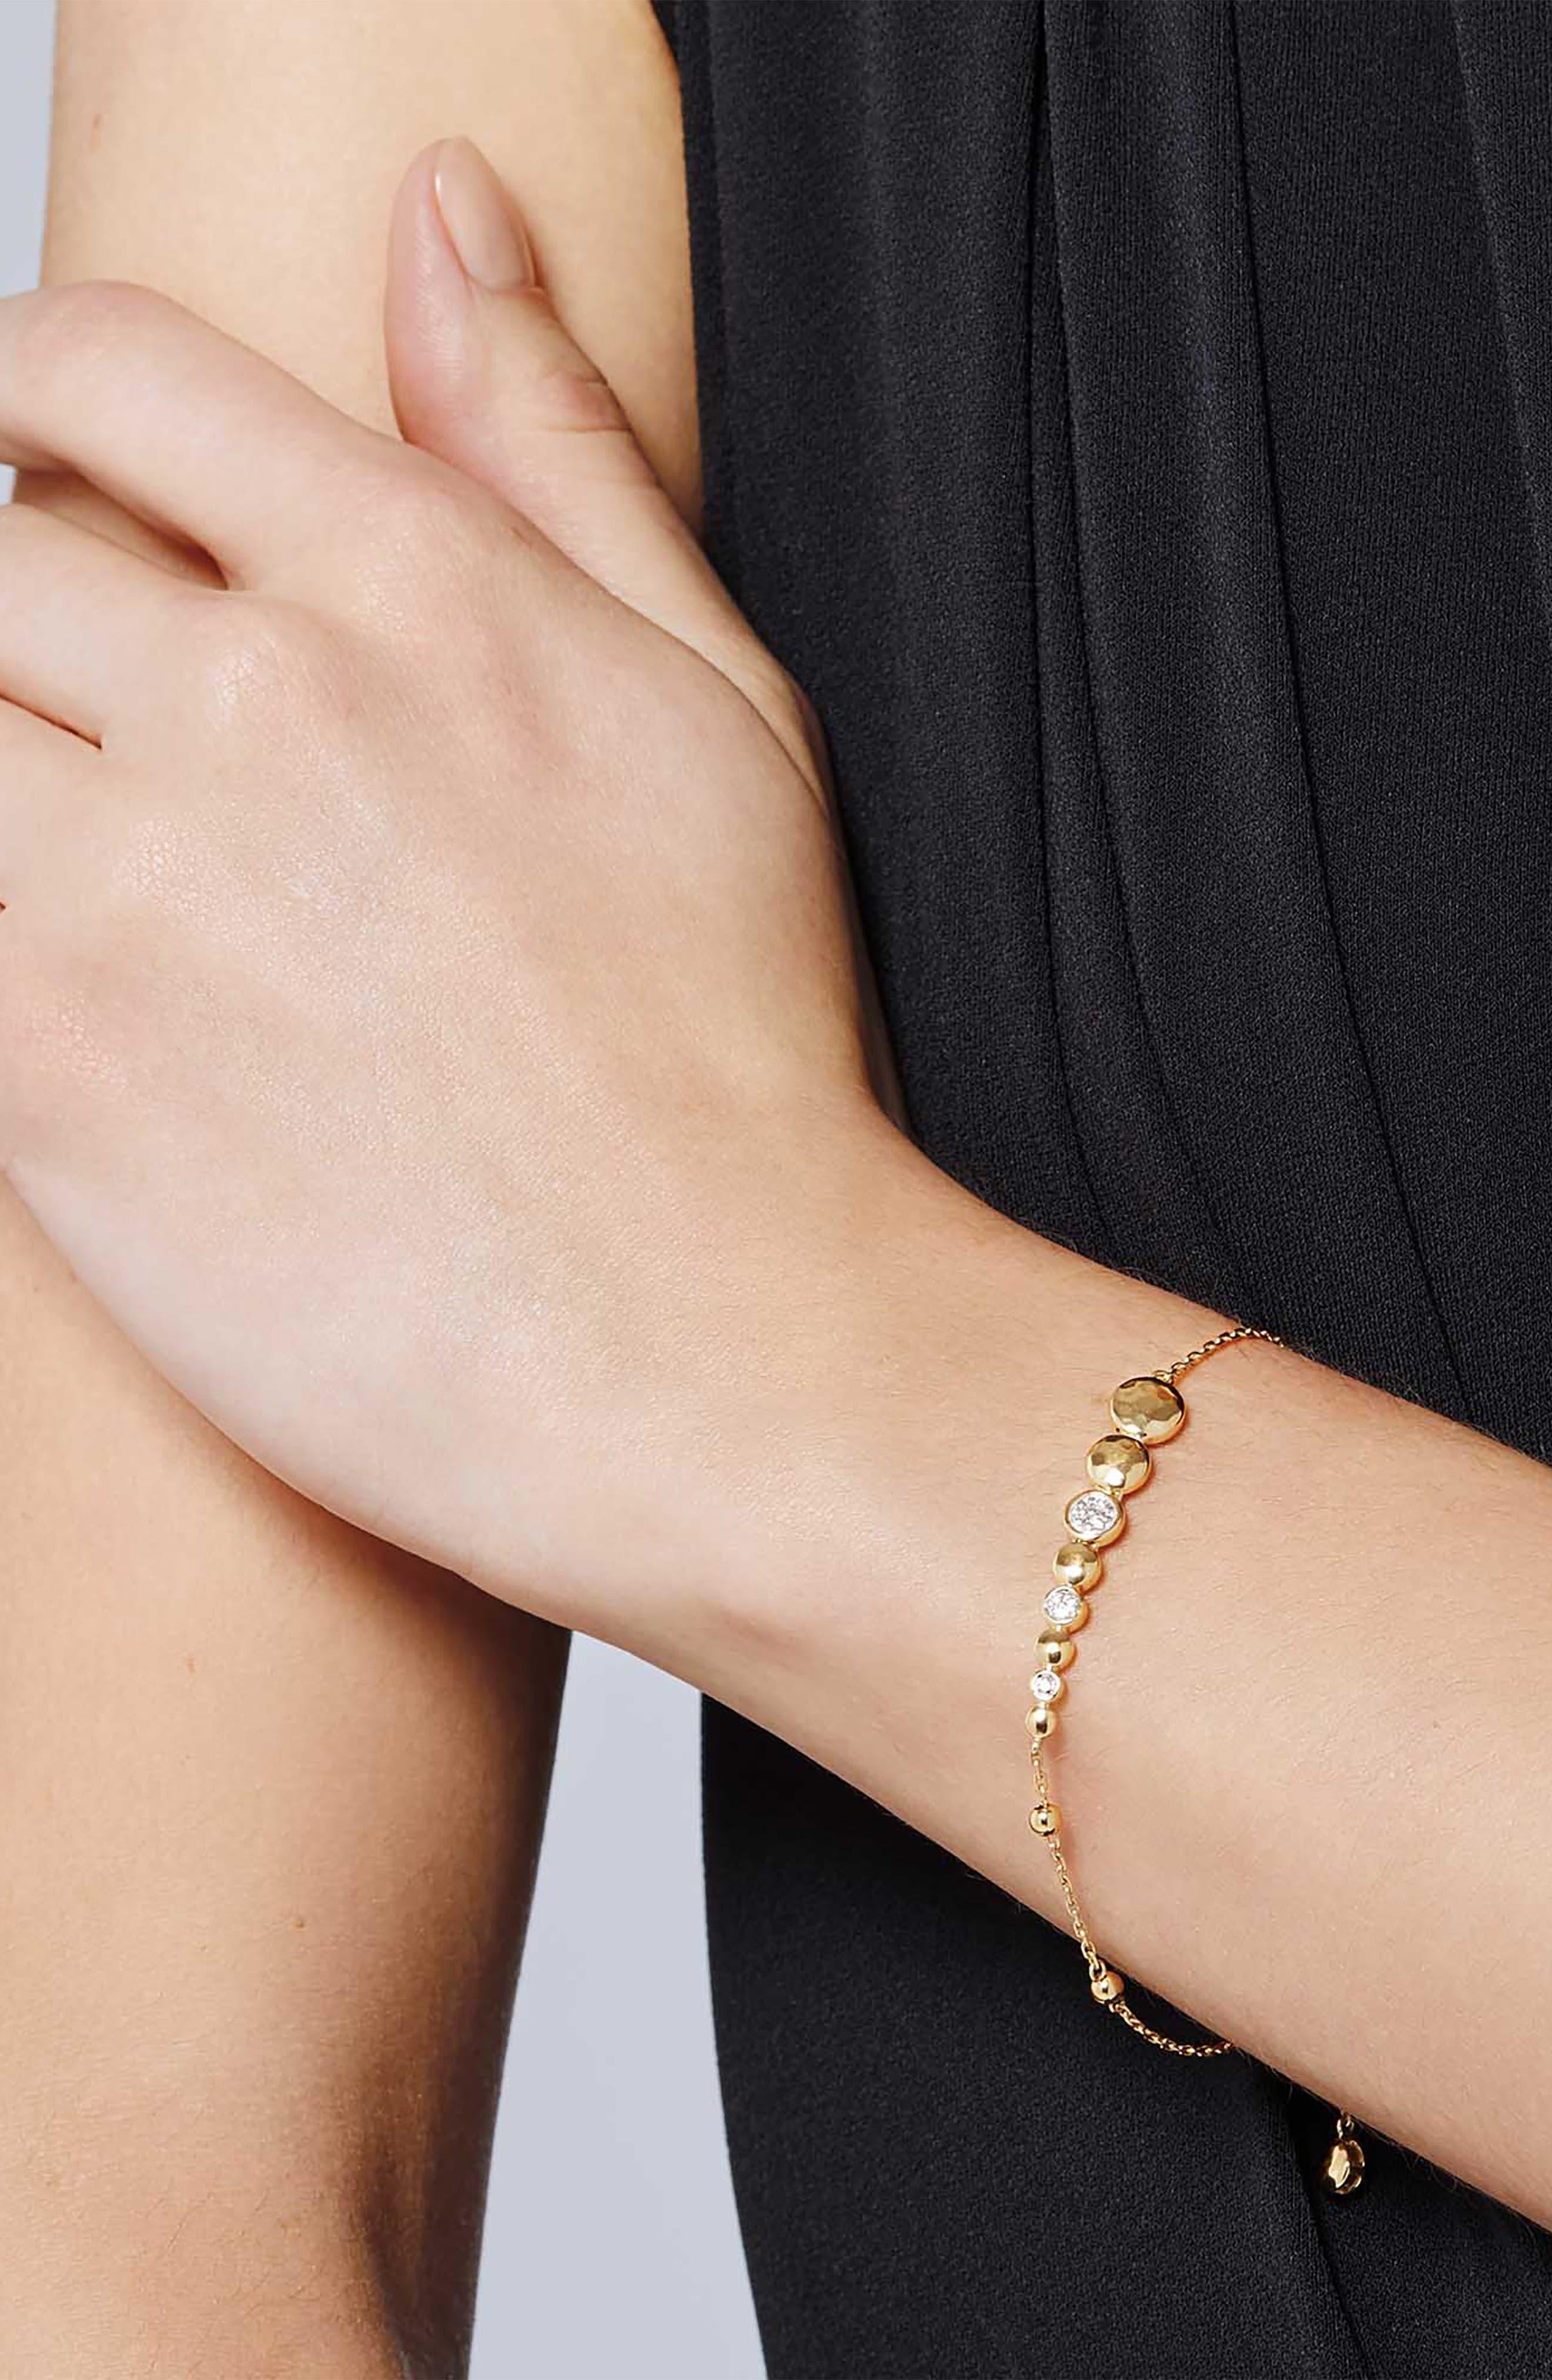 JOHN HARDY, Dot Hammered Slider Bracelet, Alternate thumbnail 2, color, GOLD/ DIAMOND